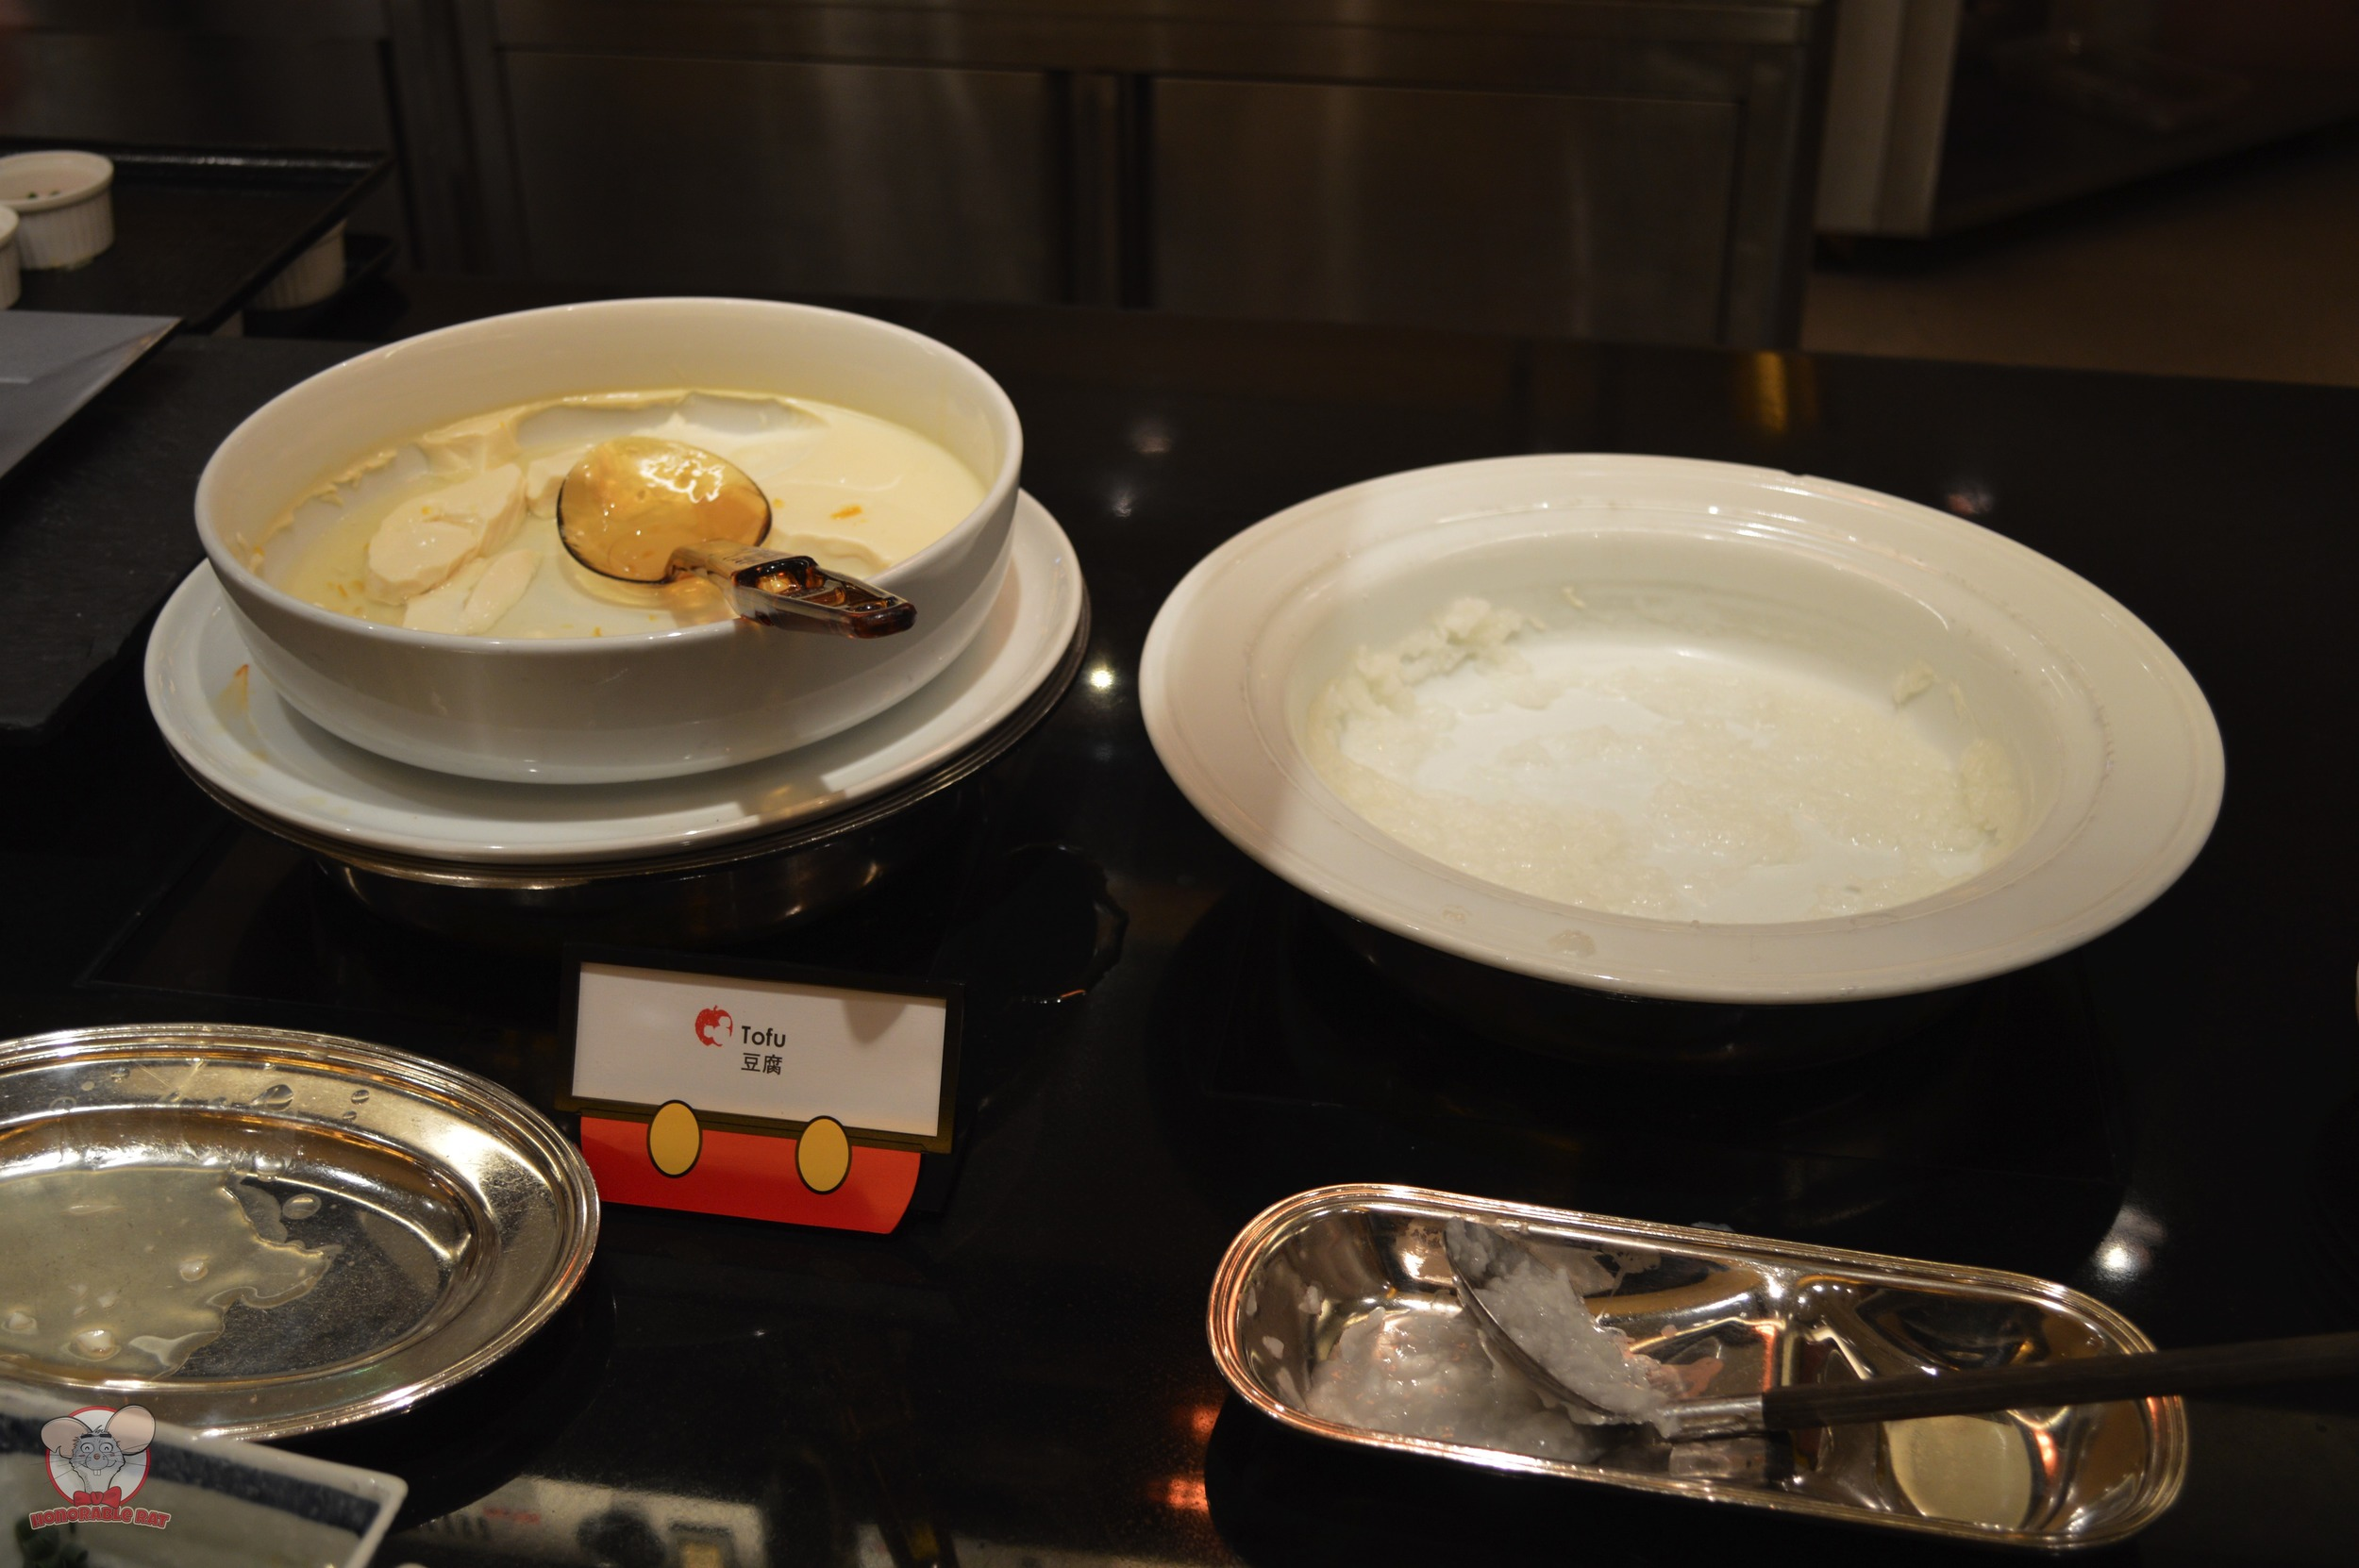 Tofu (Left) Porridge (Right)